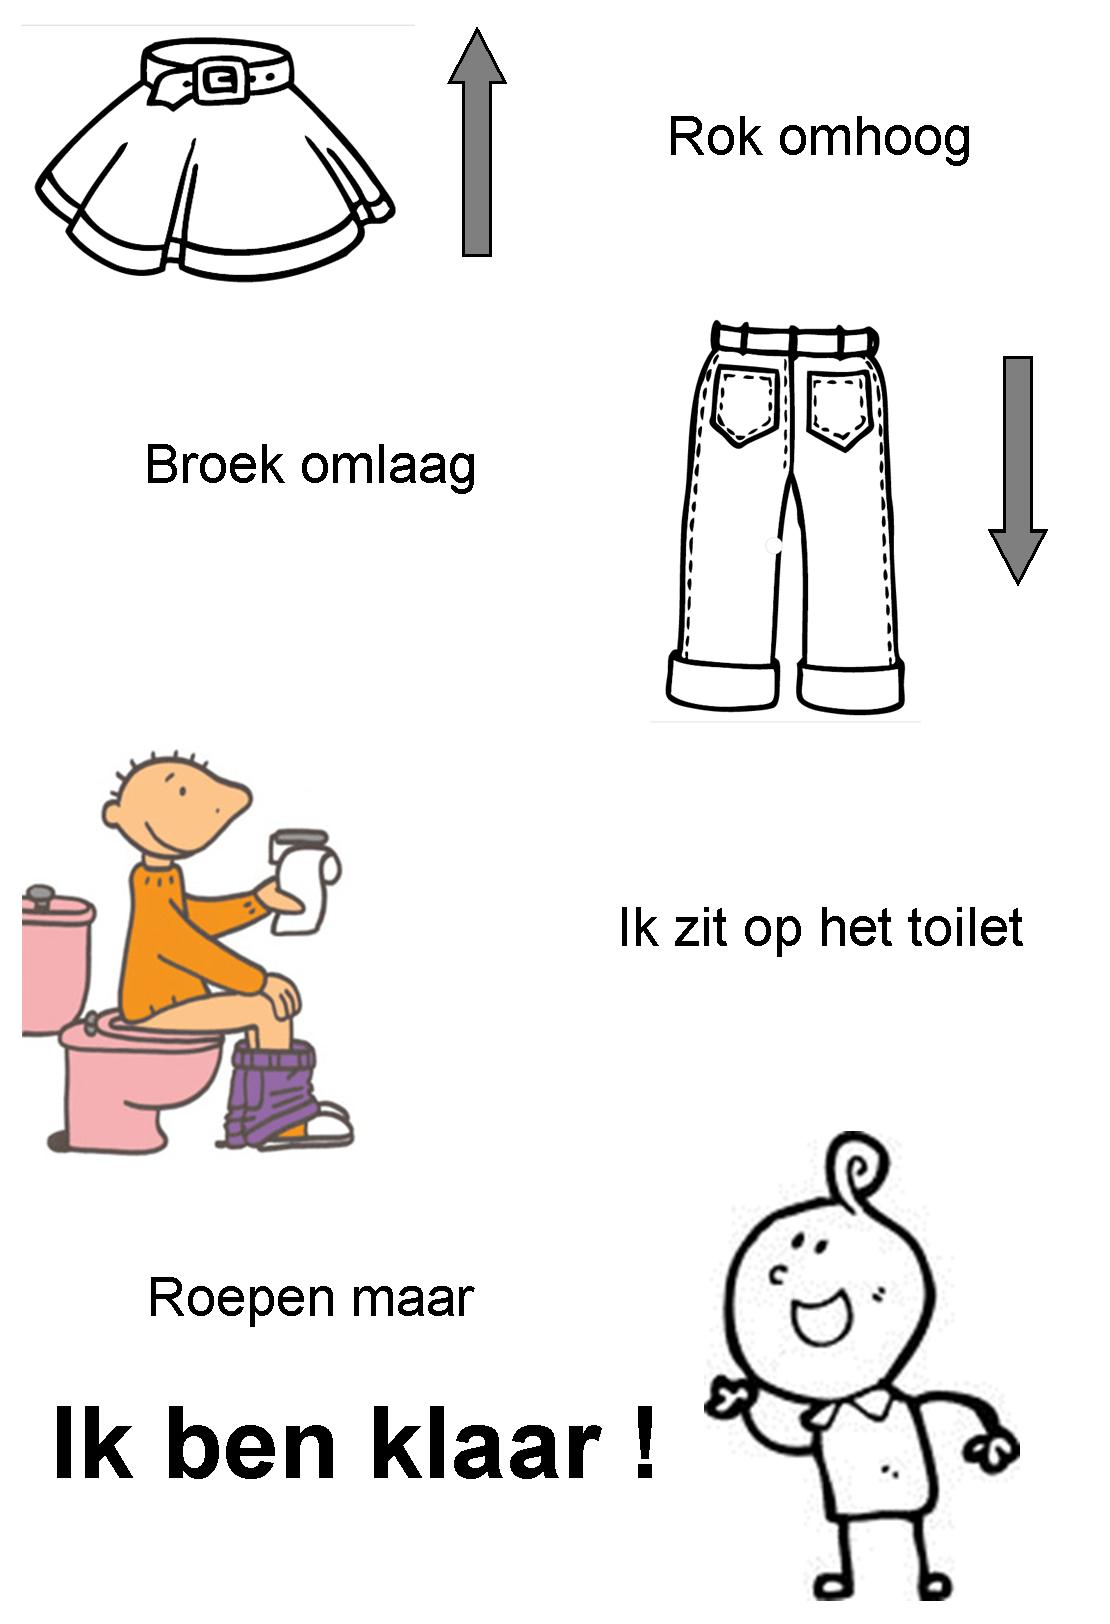 Versje Ik Ben Klaar Toiletbezoek